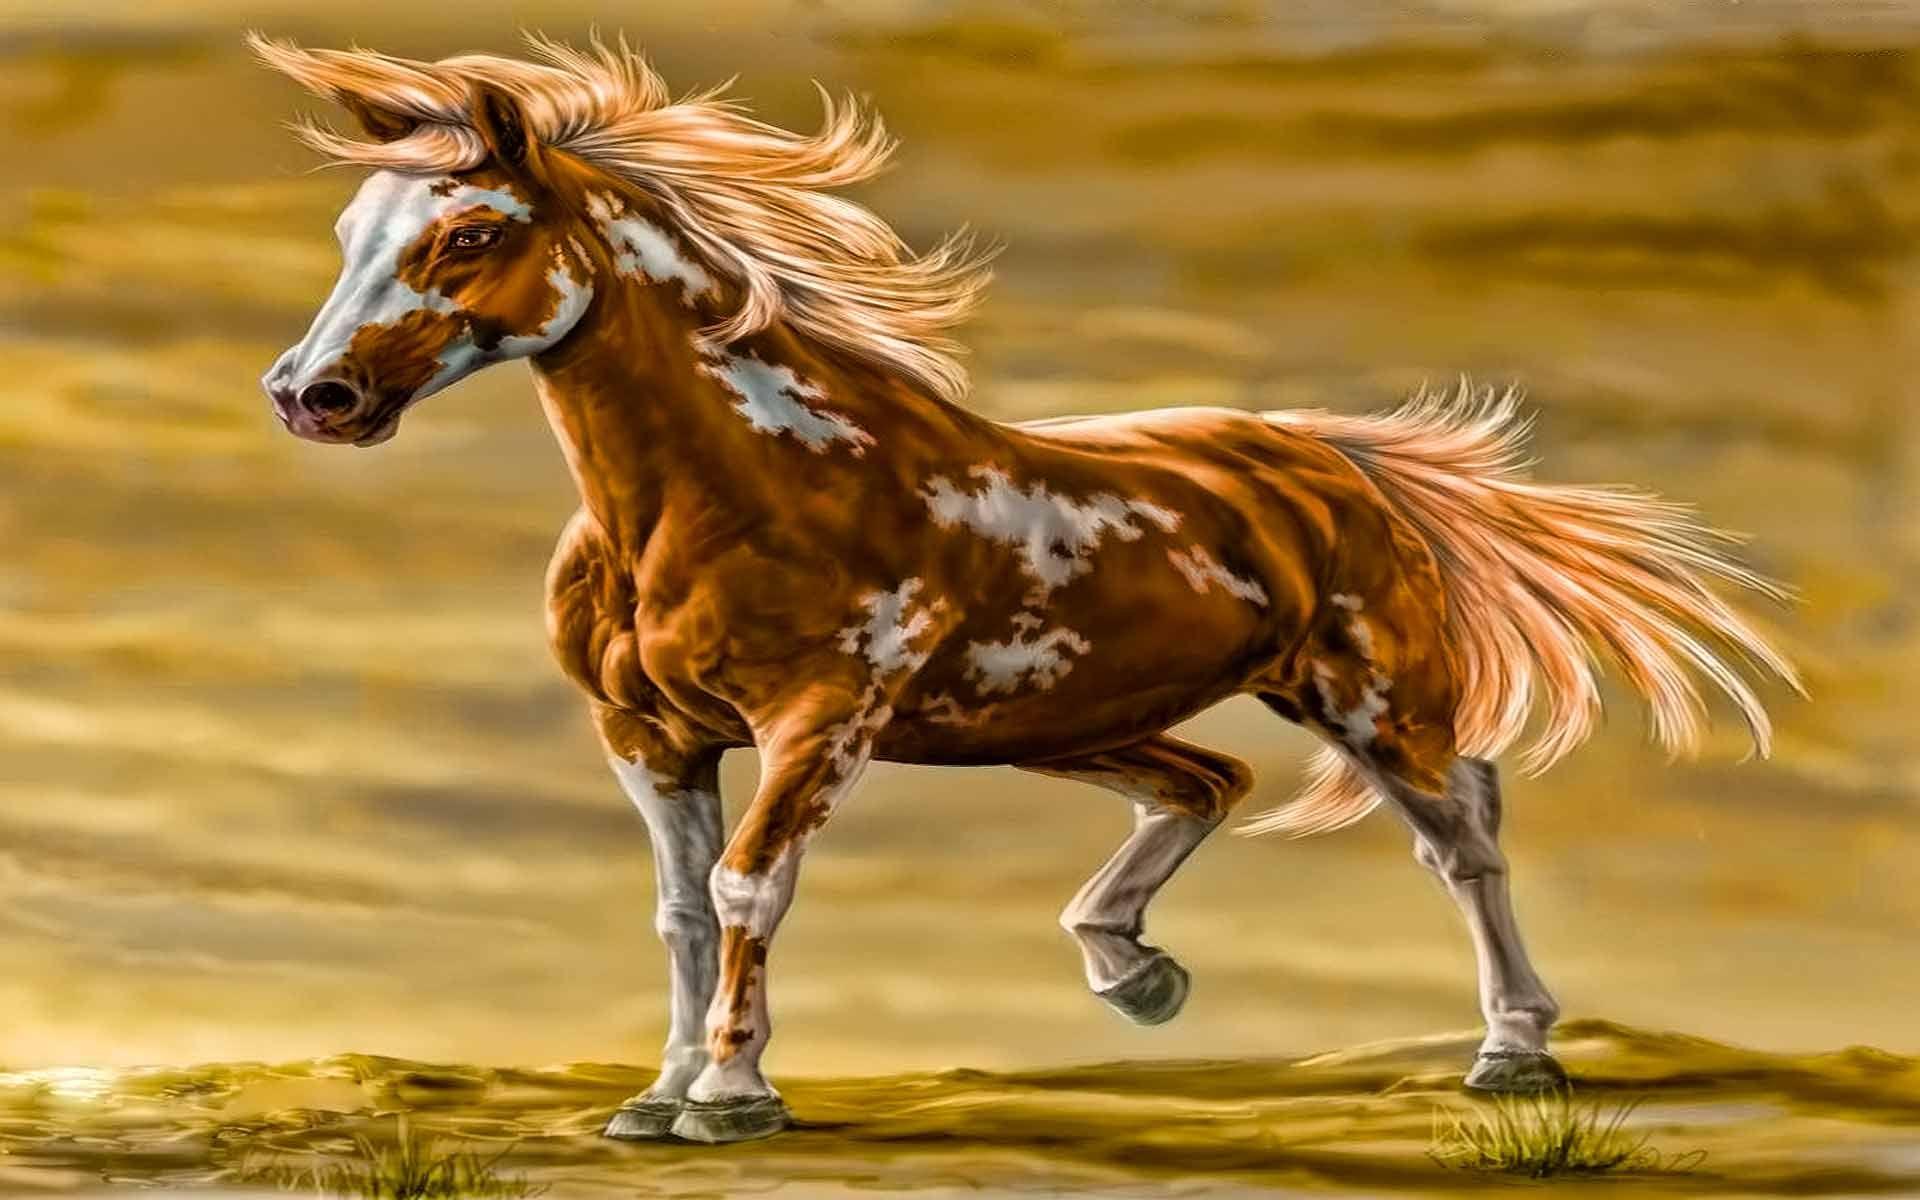 Fantastic Wallpaper Horse Art - 339785079f2388bc1c44c921dd0cfc1d  Pictures_94393.jpg